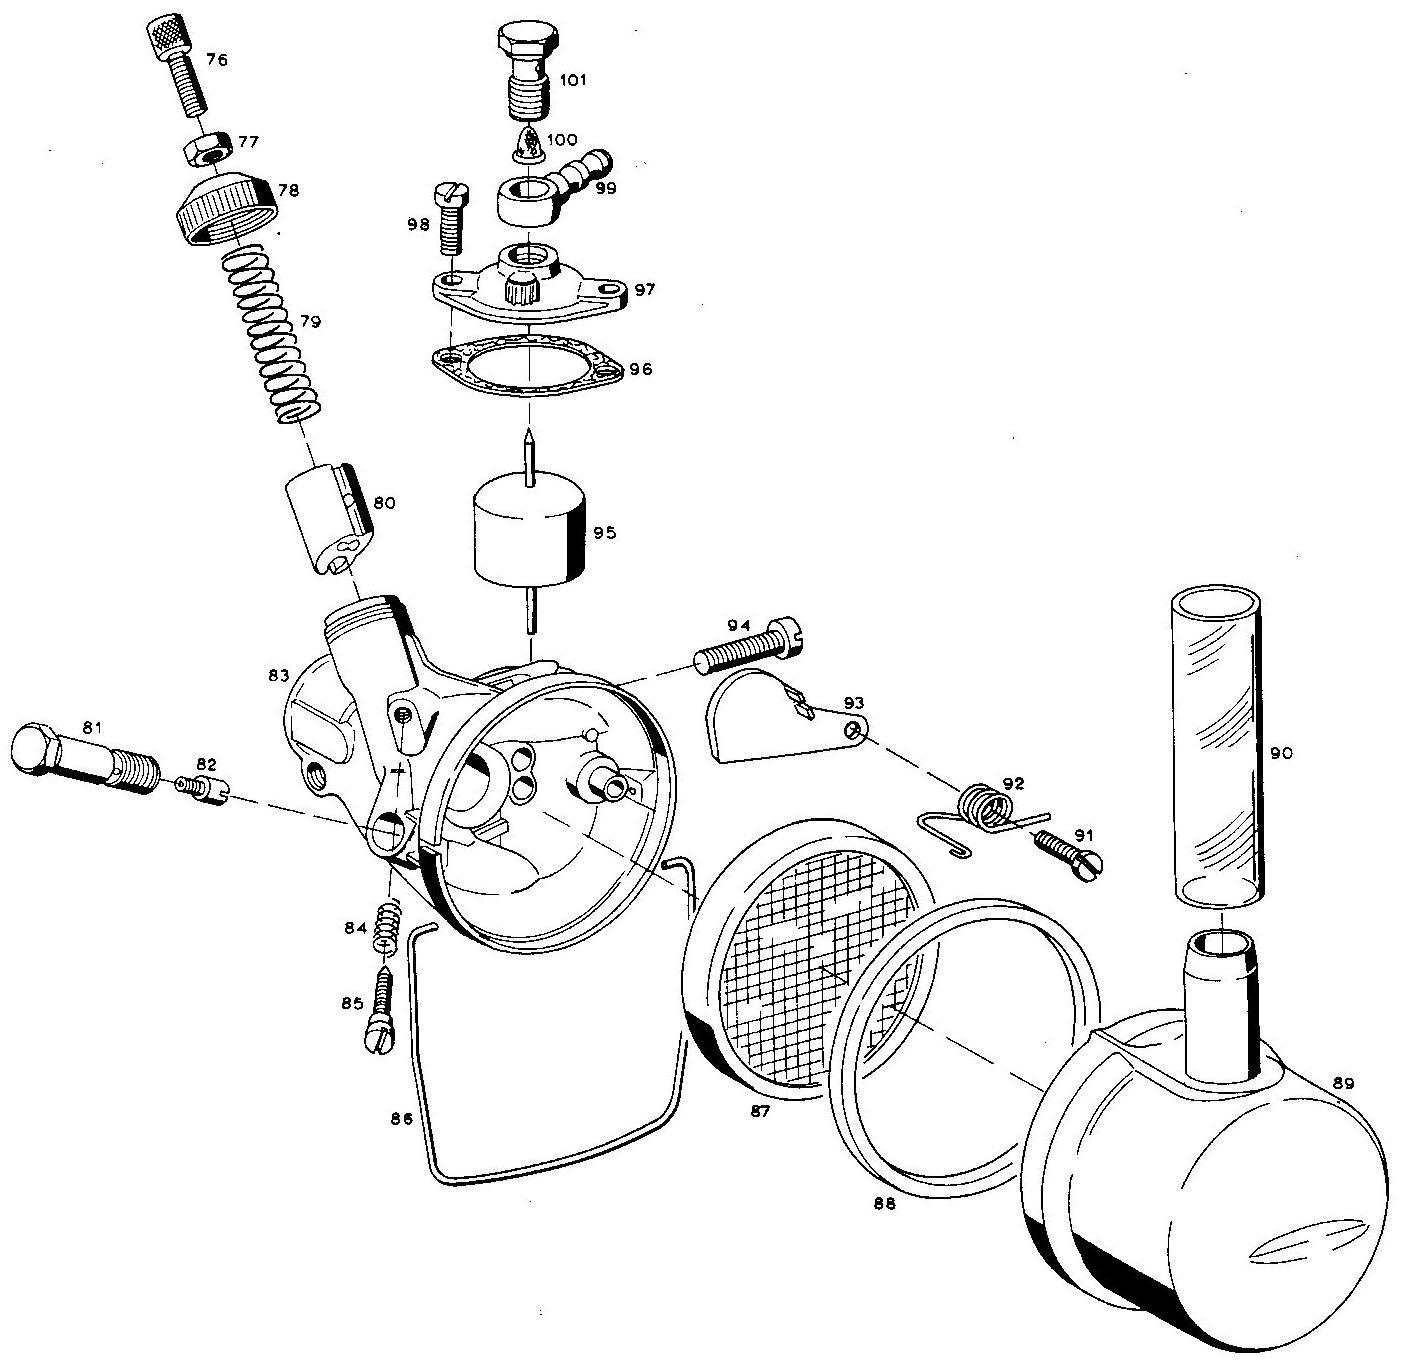 1972 Anker Laura M48 carburetor